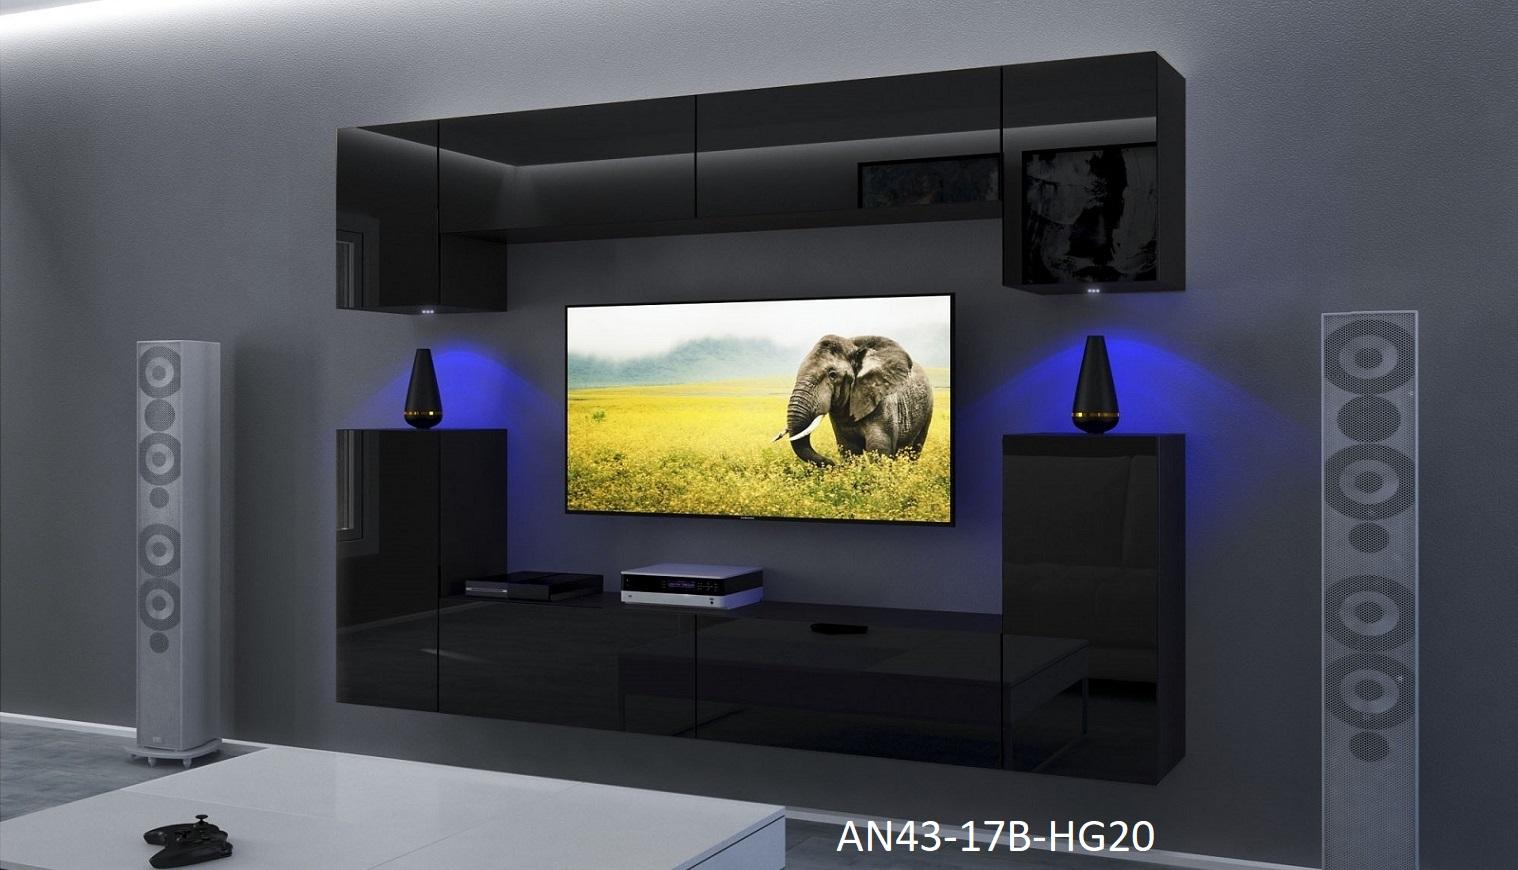 Möbel für Wohnzimmer Schwarz und glänzend – Rodos NX 43